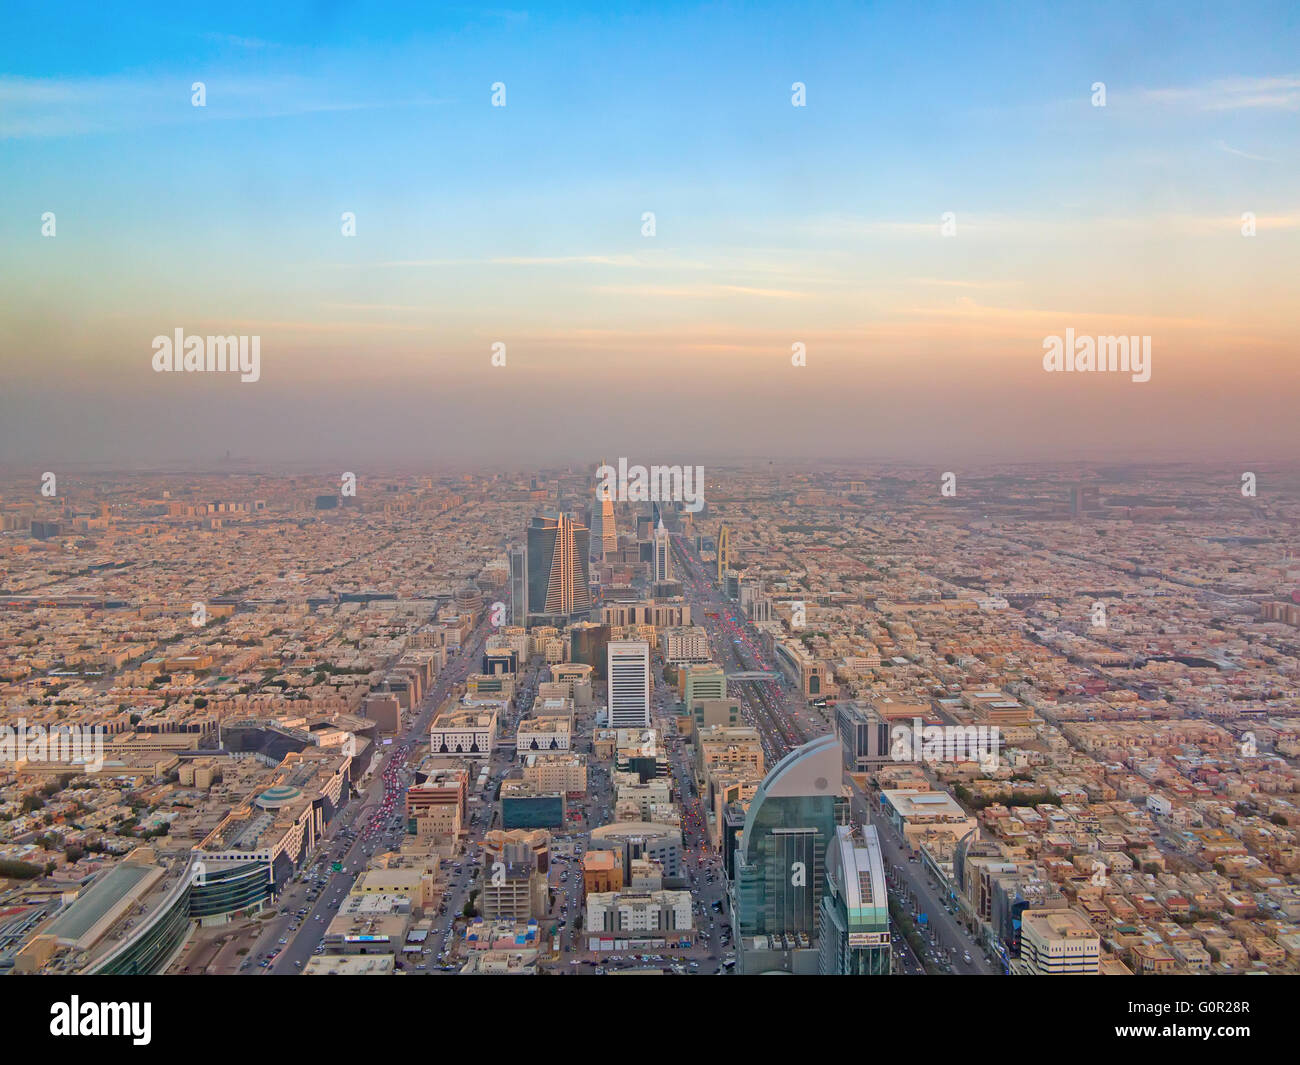 RIYADH - FEBRUARY 29: Aerial view of Riyadh downtown on February 29, 2016 in Riyadh, Saudi Arabia. - Stock Image